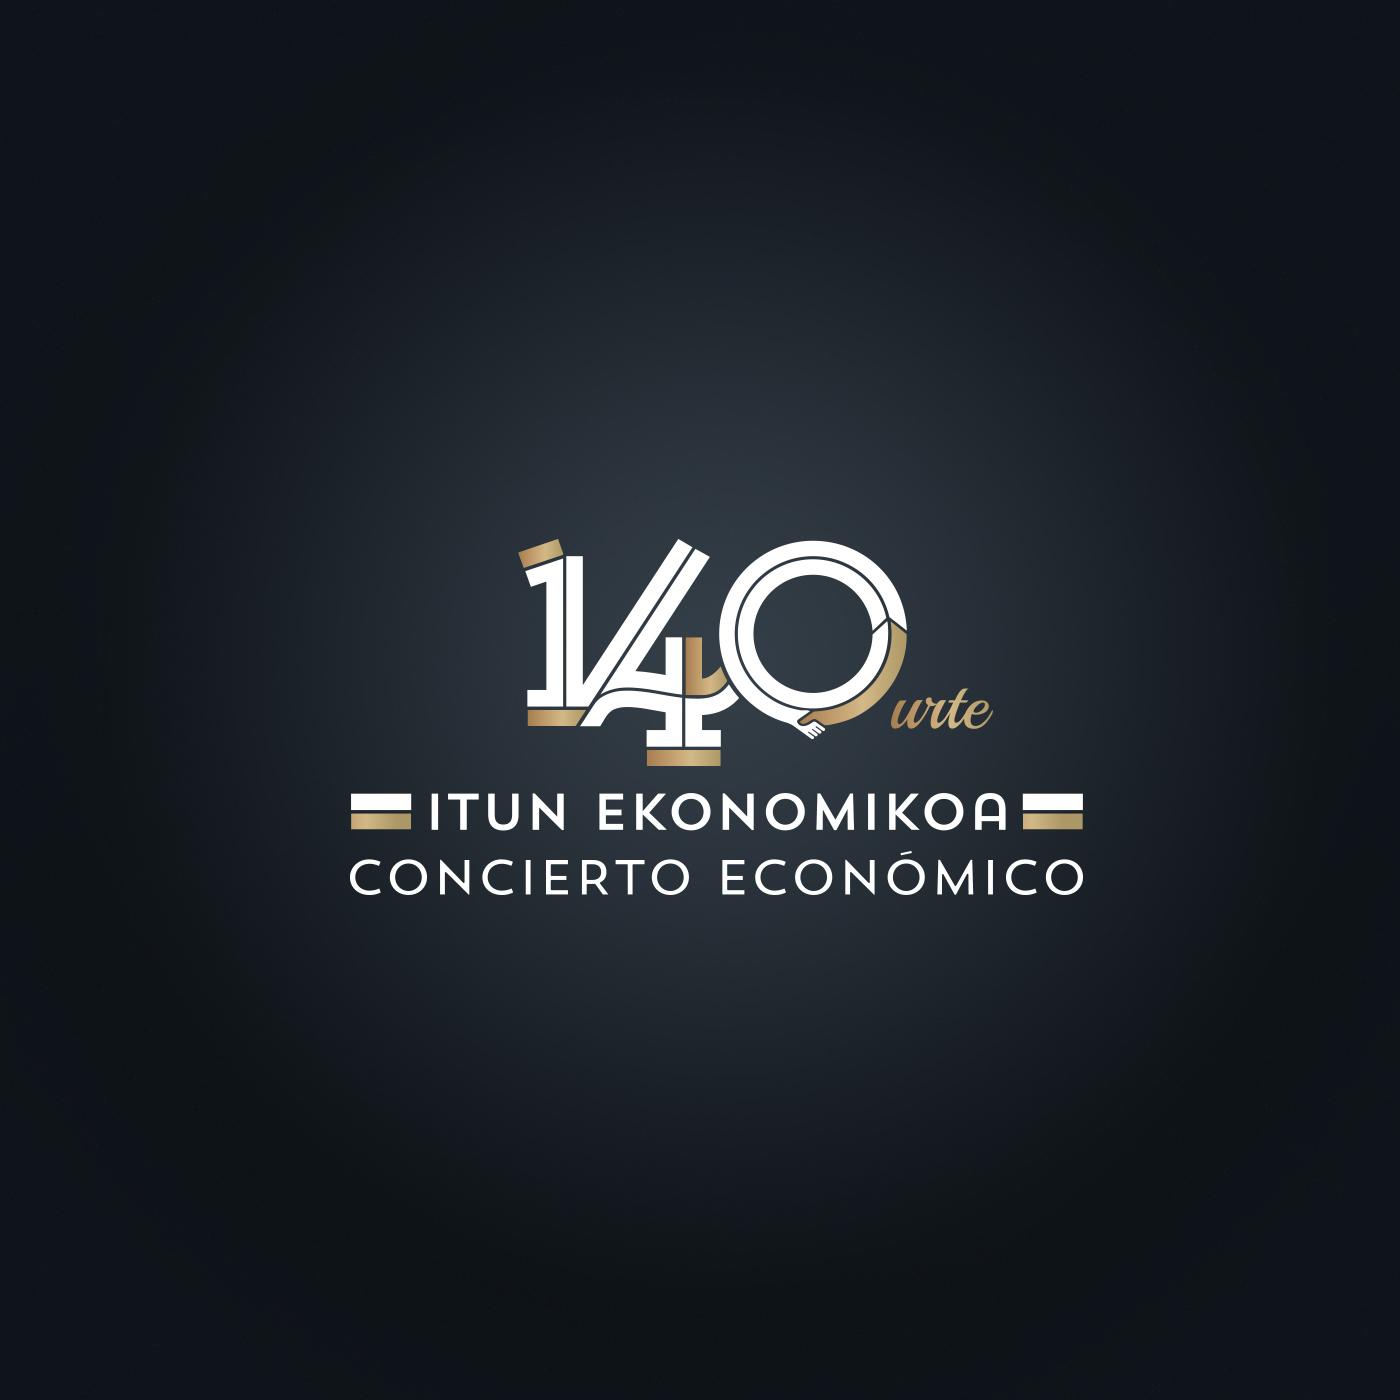 gobierno vasco concierto económico 140 aniversario marca